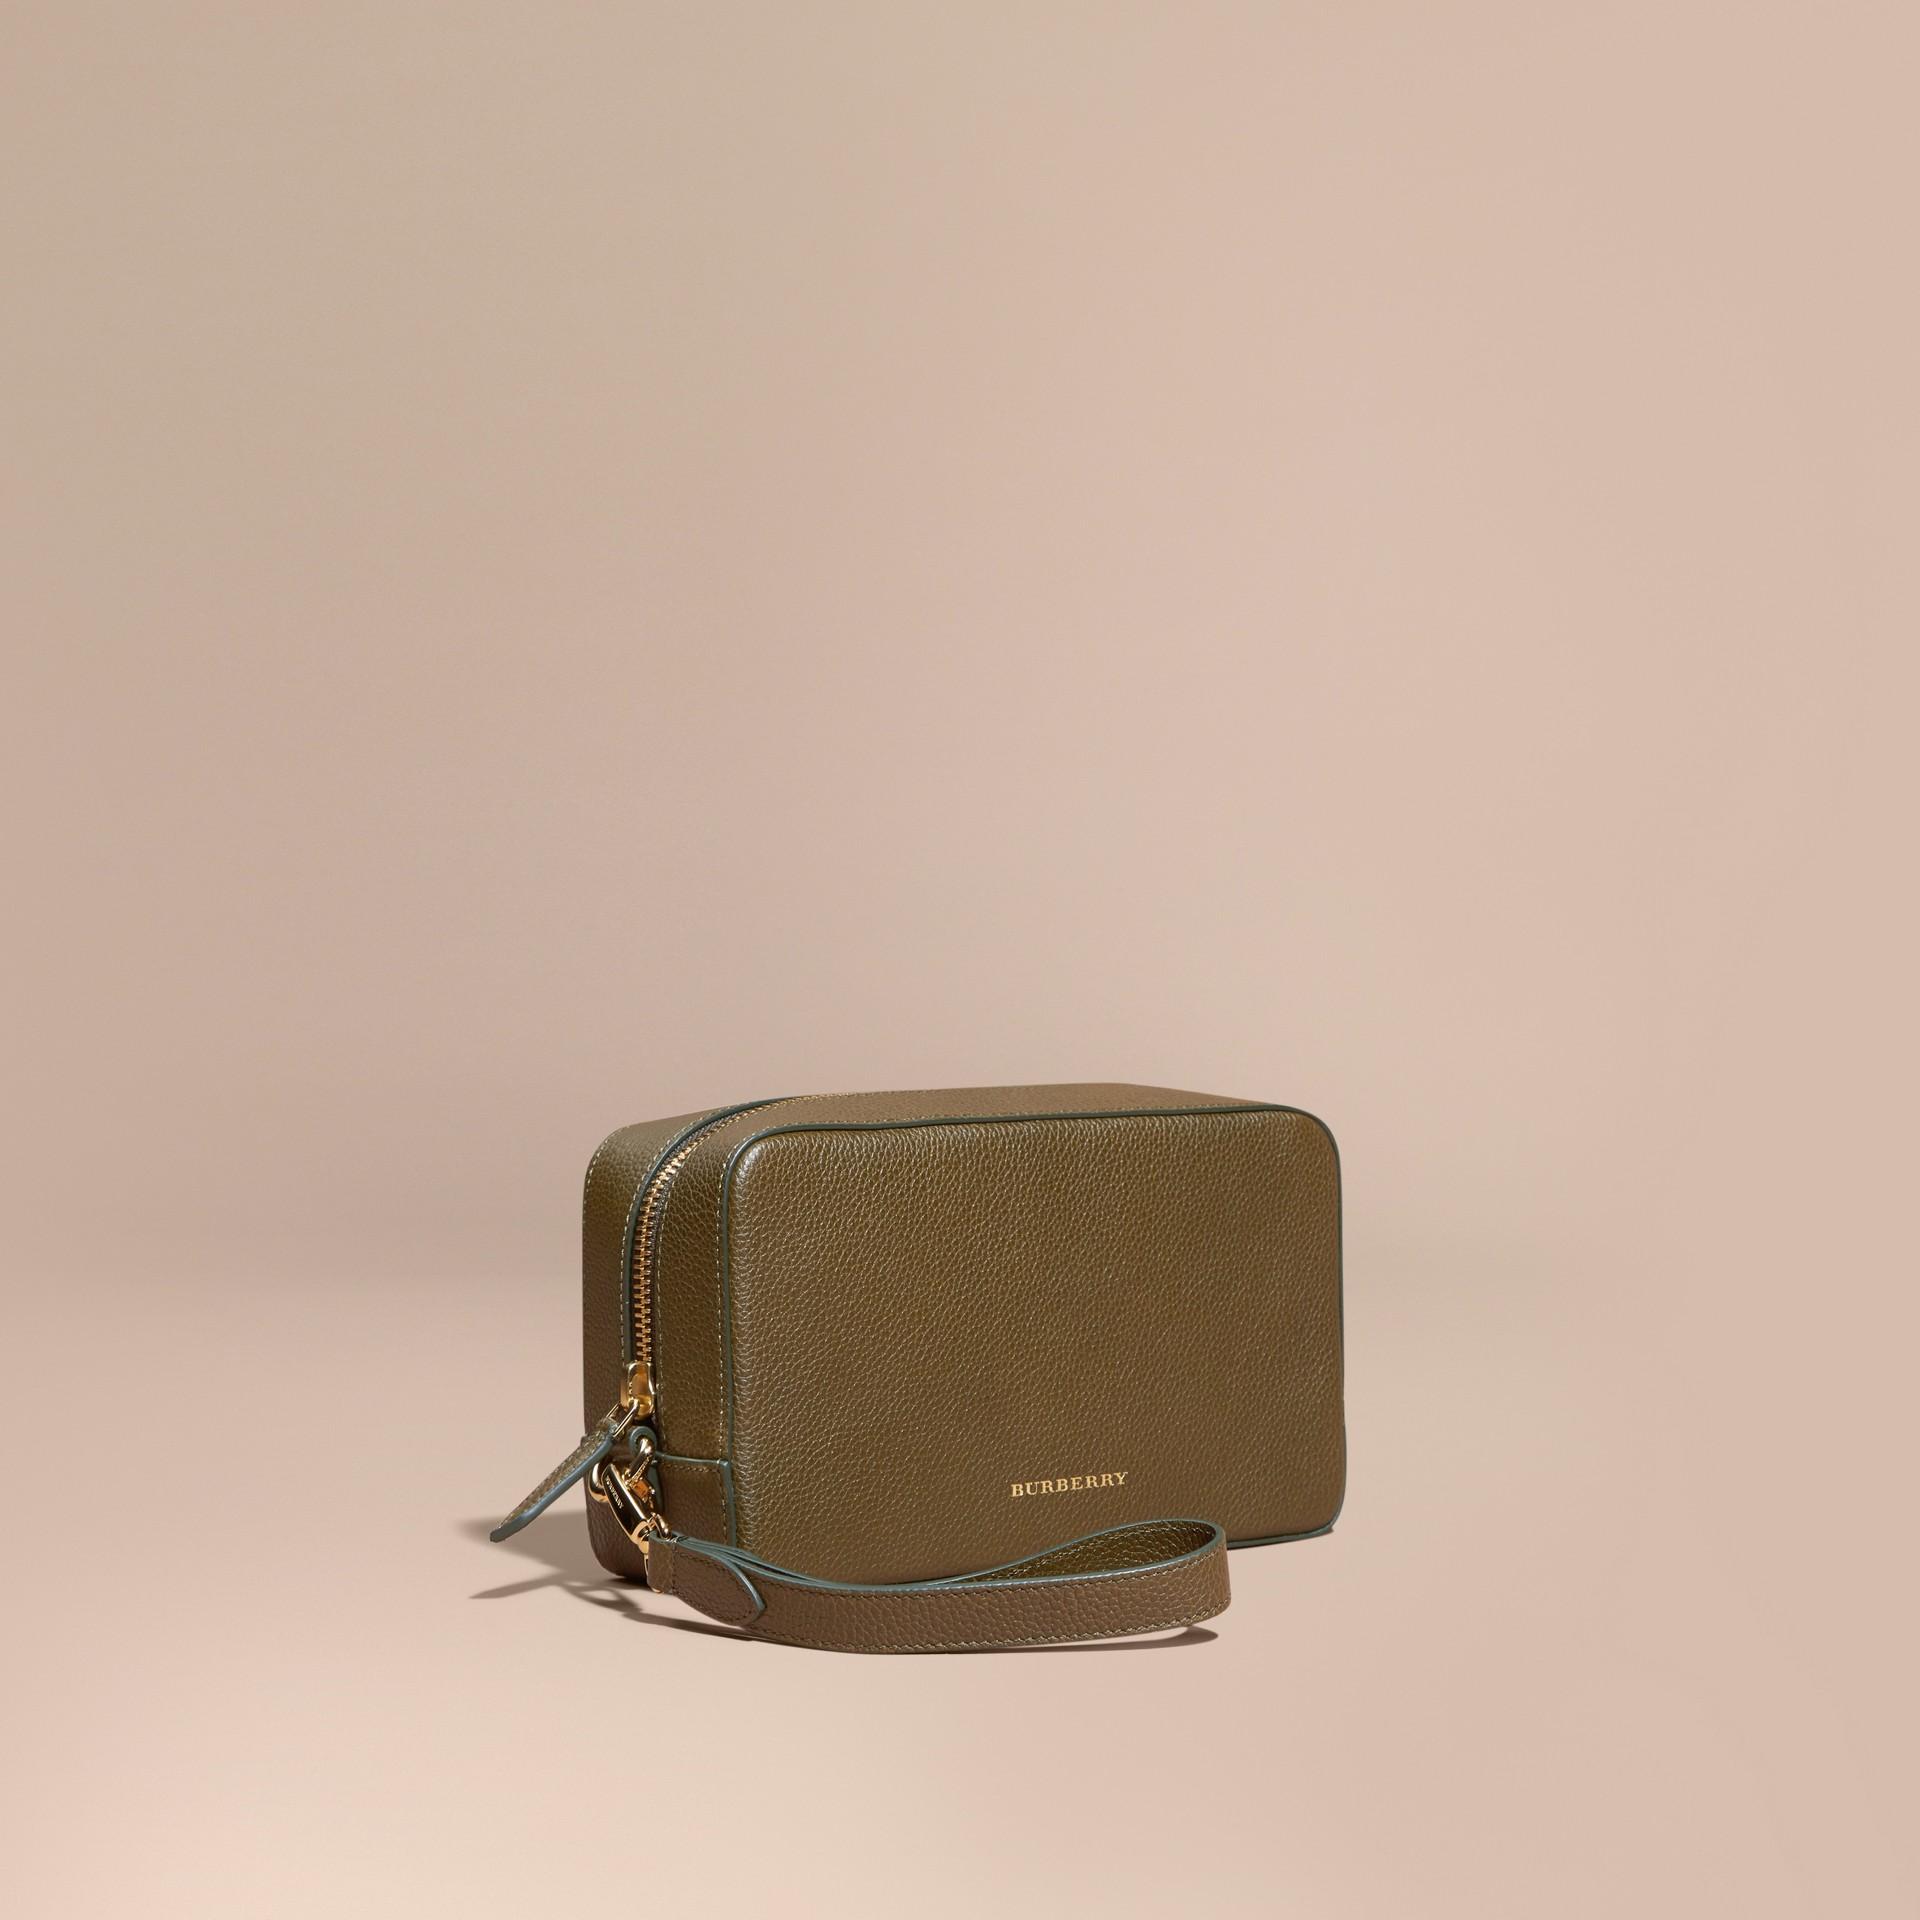 Vert olive Trousse de toilette en cuir grené Vert Olive - photo de la galerie 1